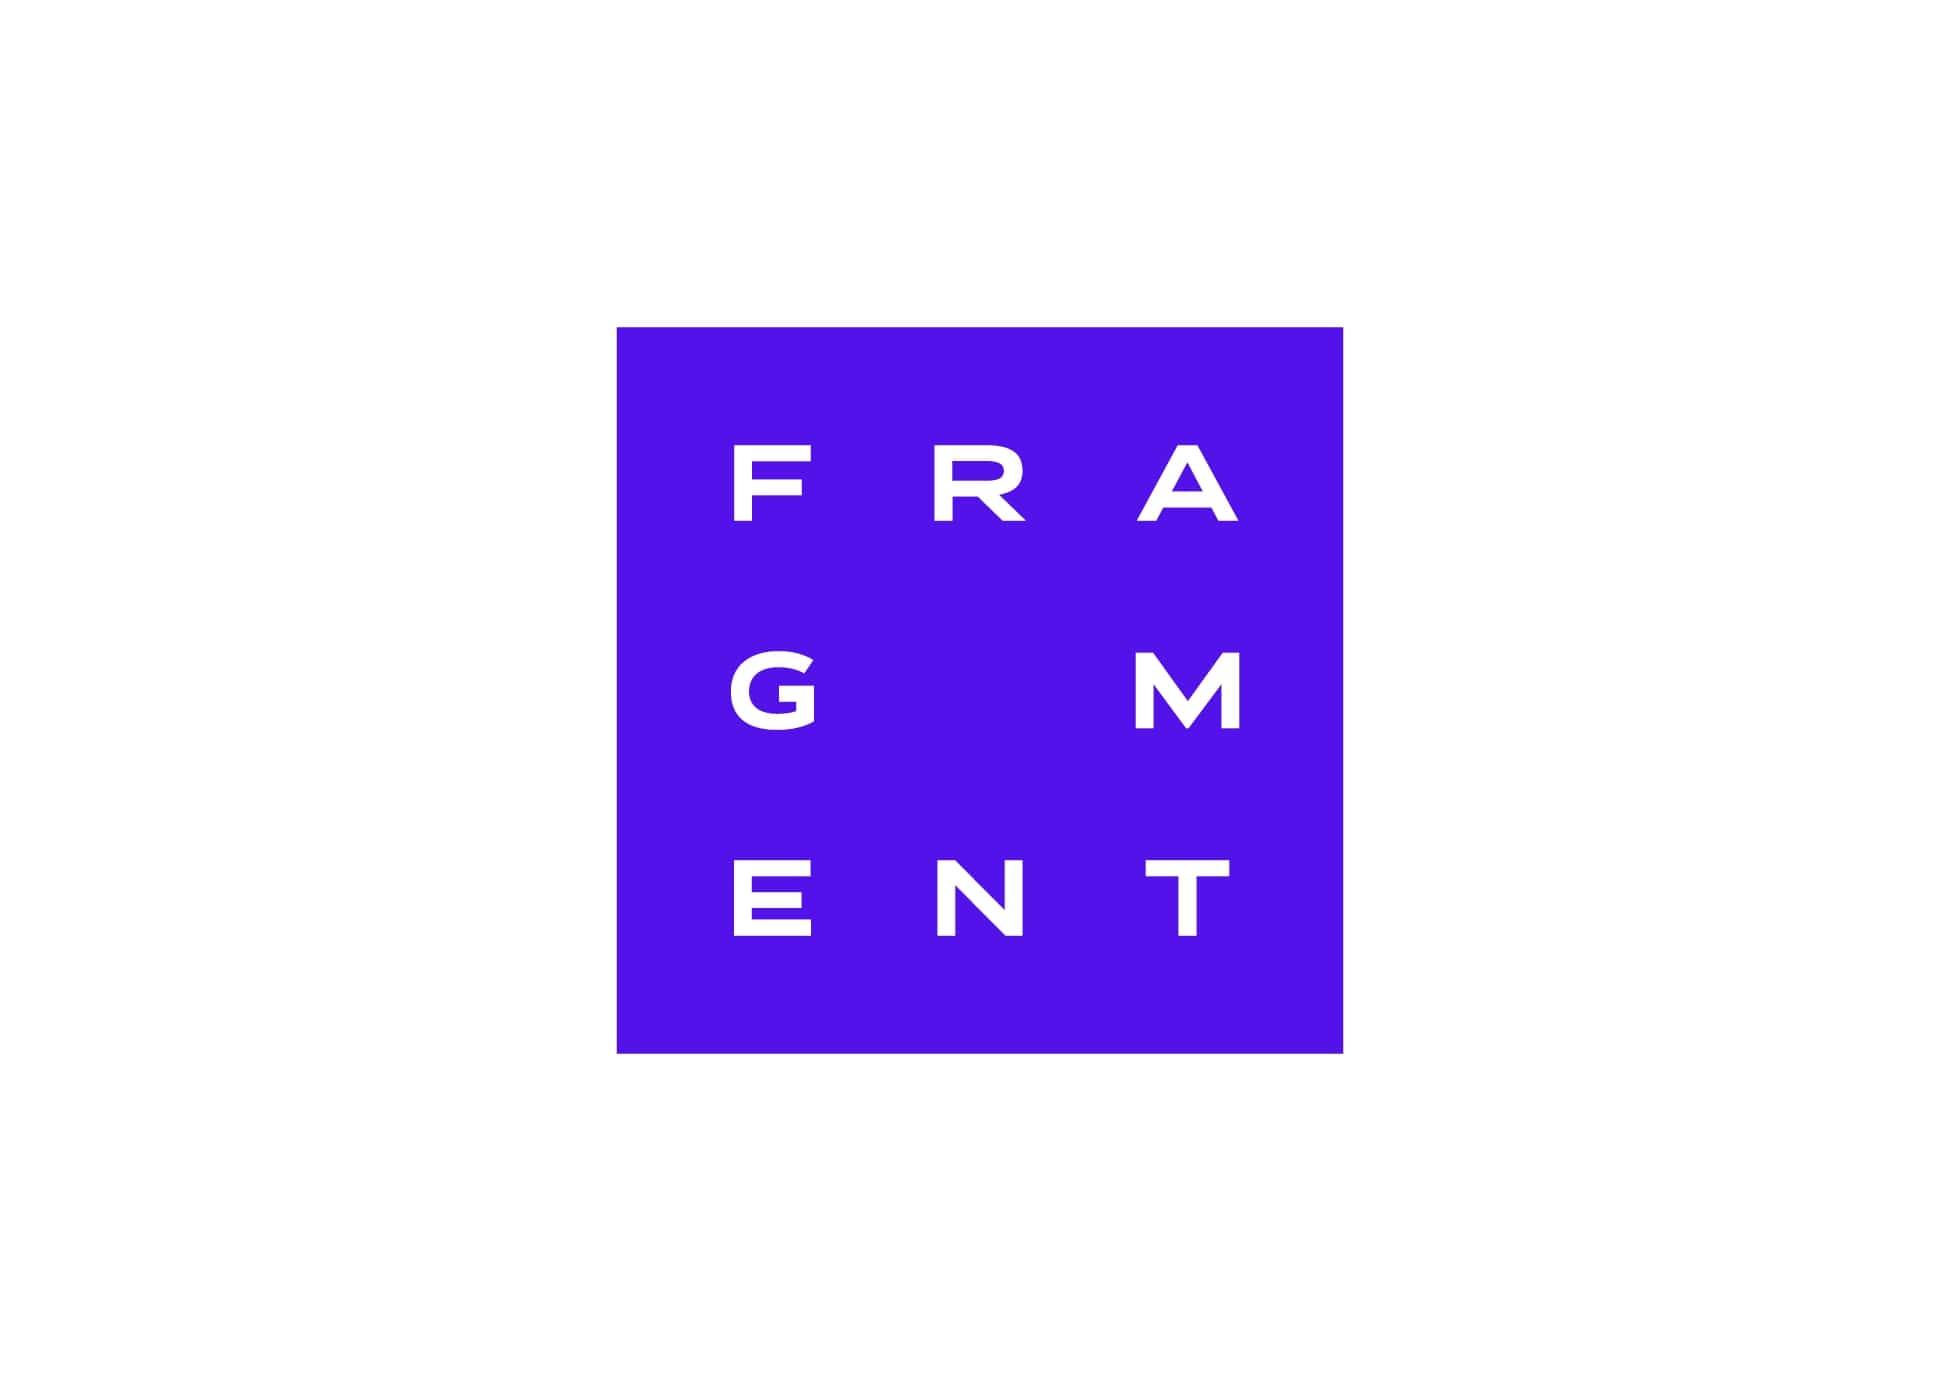 residential_fragmnt_logo_blue